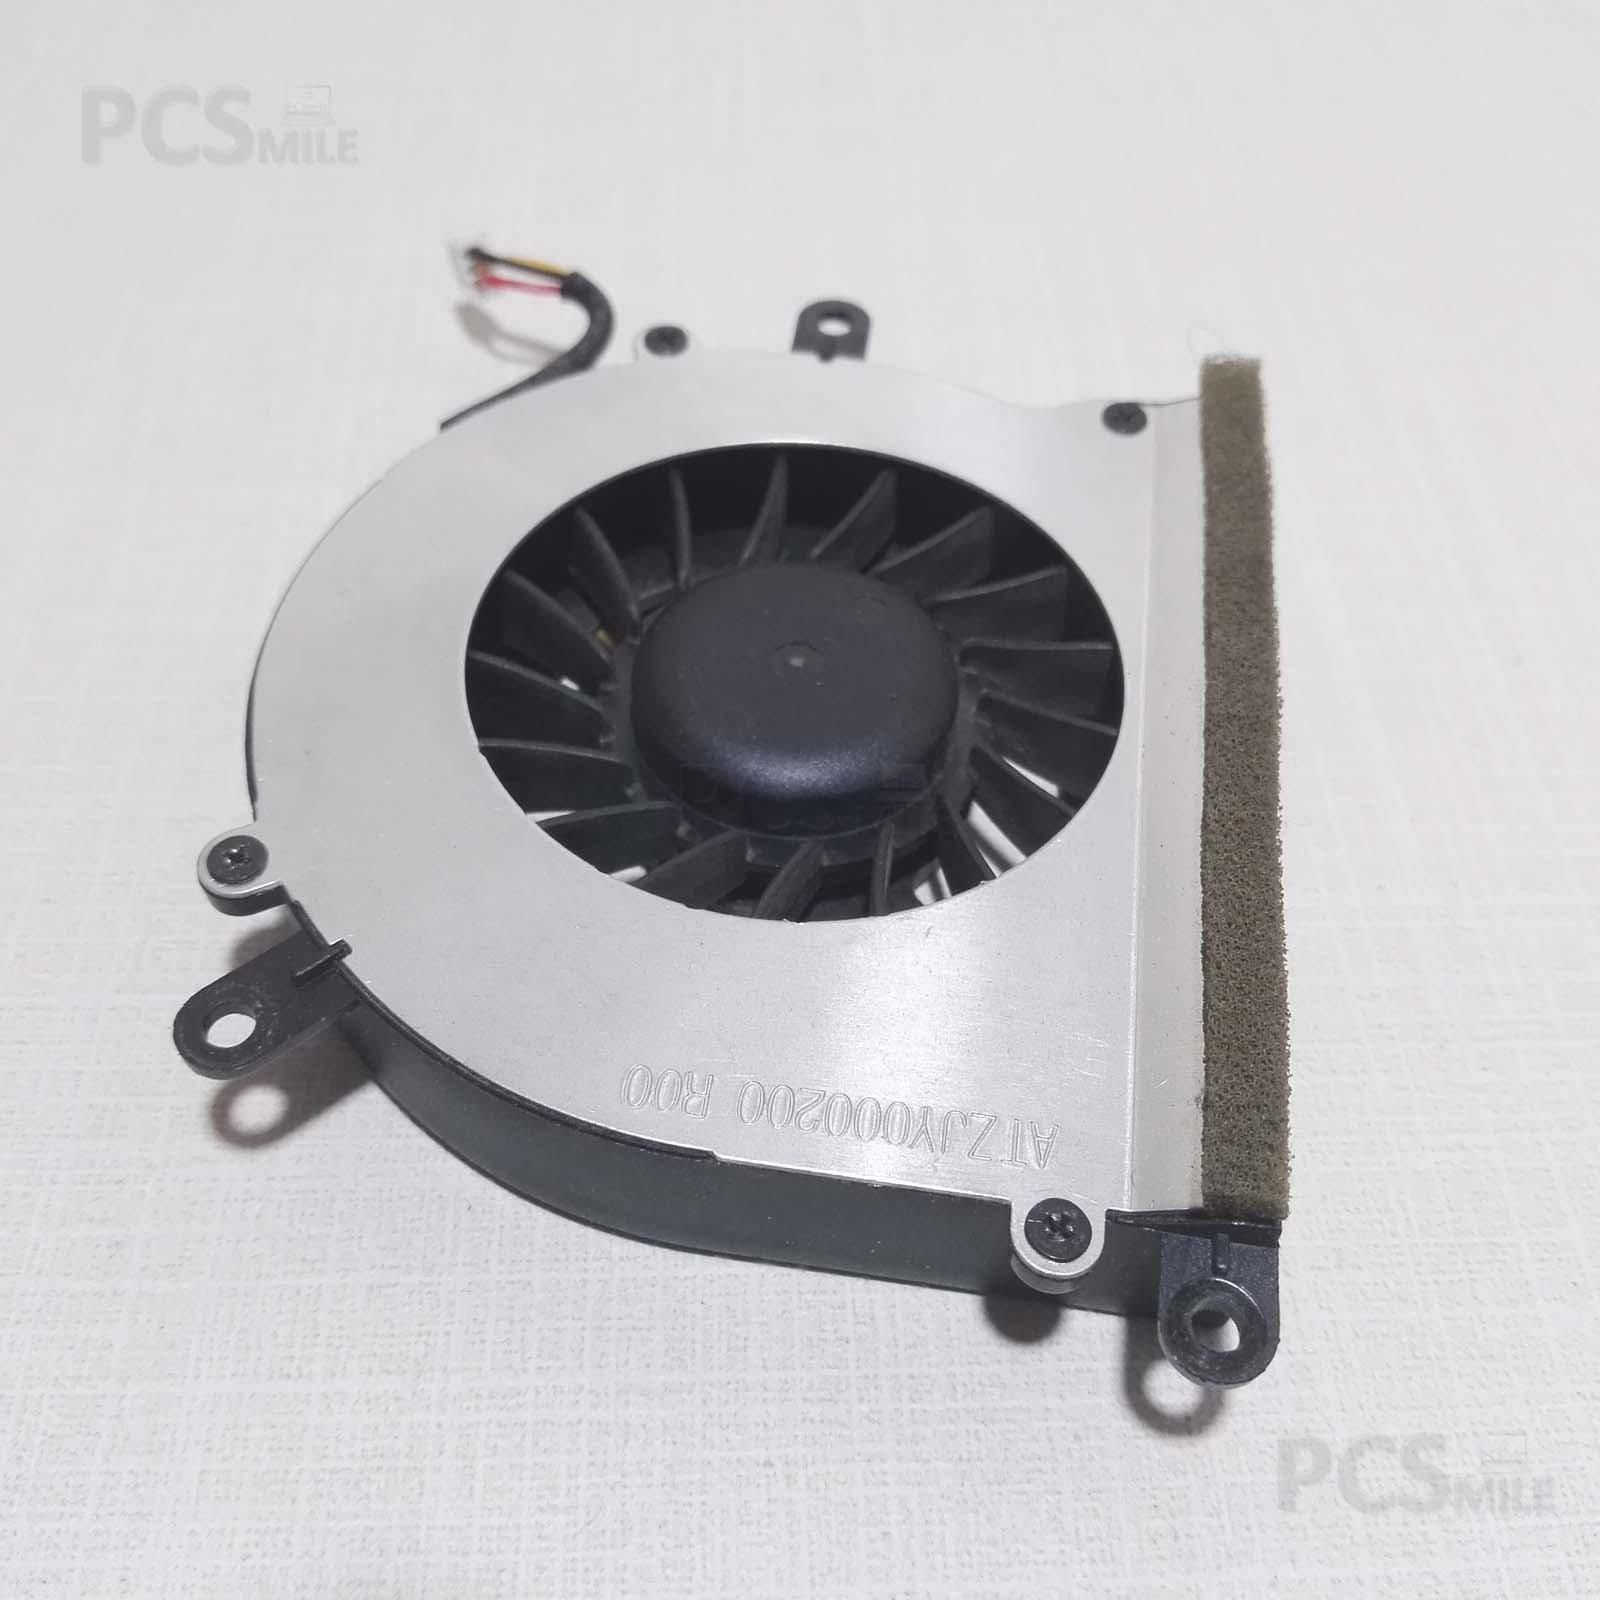 Ventola FAN originale Acer Aspire 9500 DQ70 DFB552005M30T